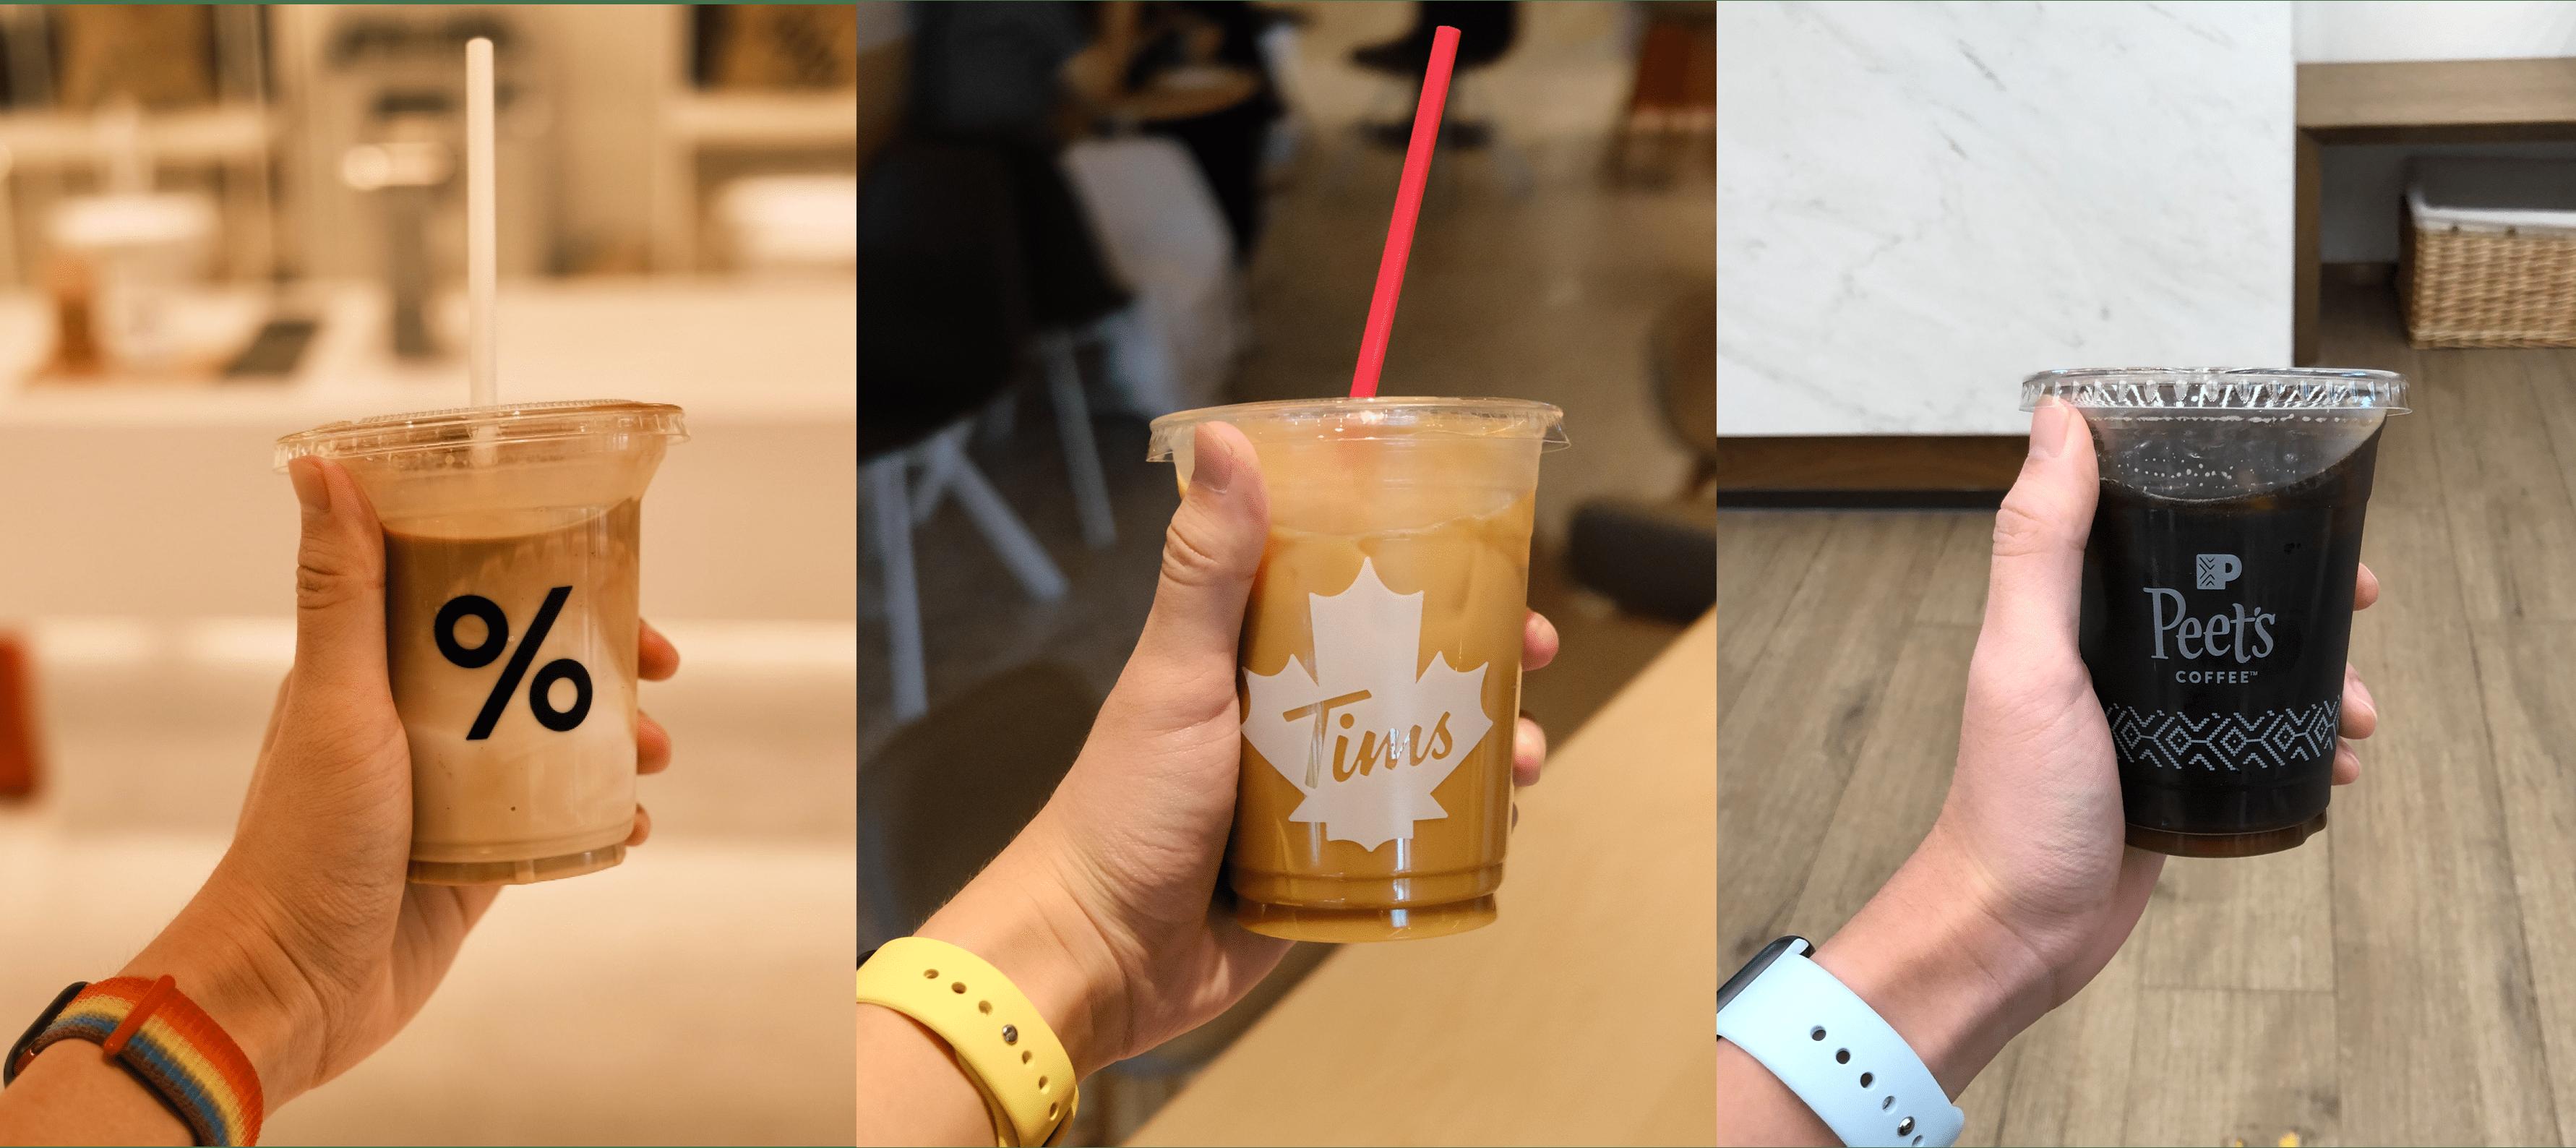 当手表成为生活的一部分:我的 Apple Watch 使用体验分享